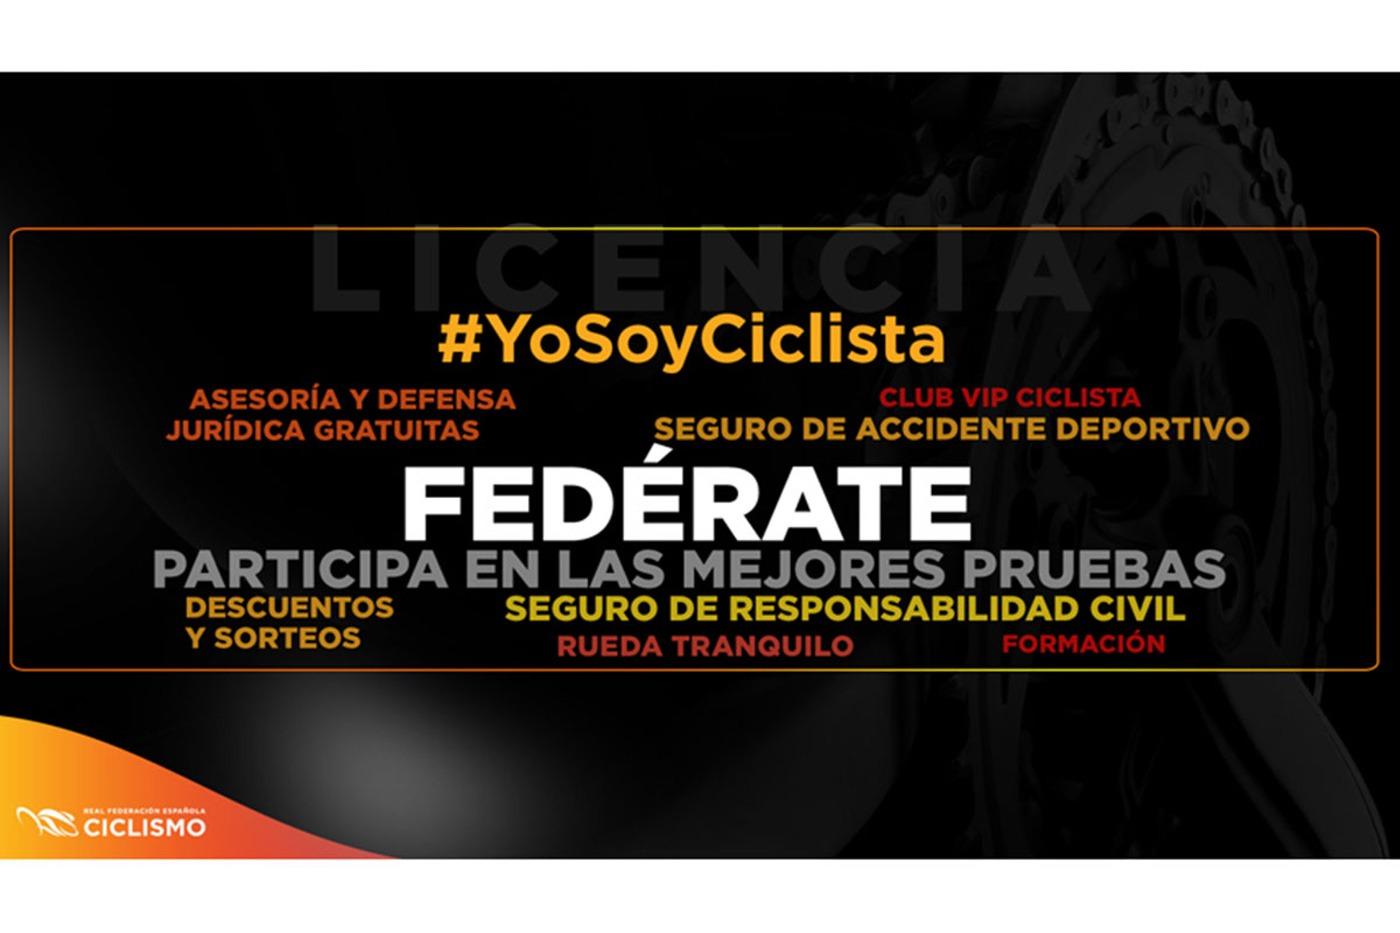 Abierto el plazo para solicitar la Licencias Federativas o Carnet Ciclista 2019